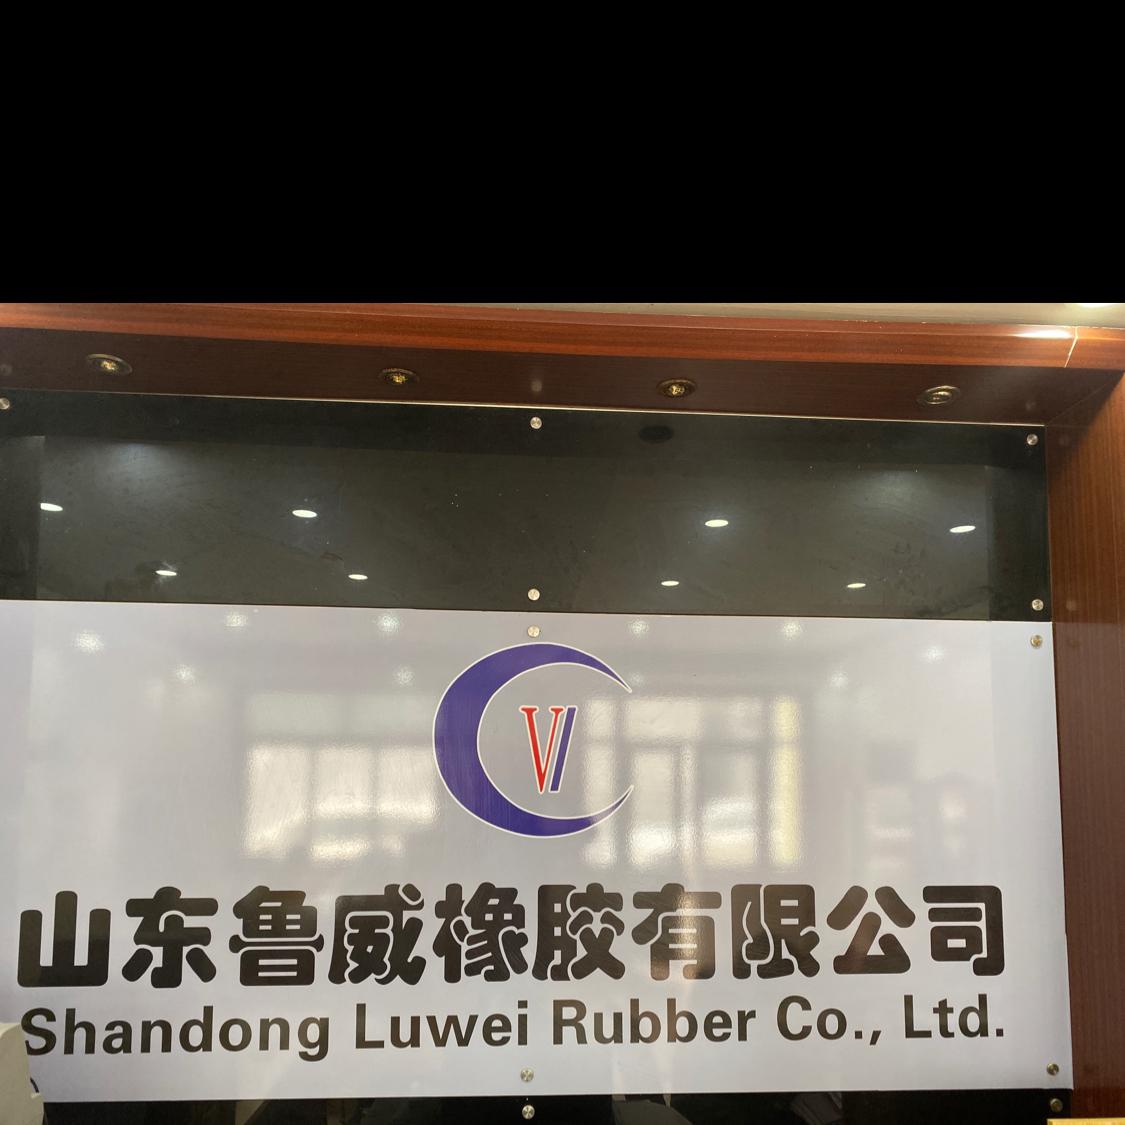 山東魯威橡膠有限公司